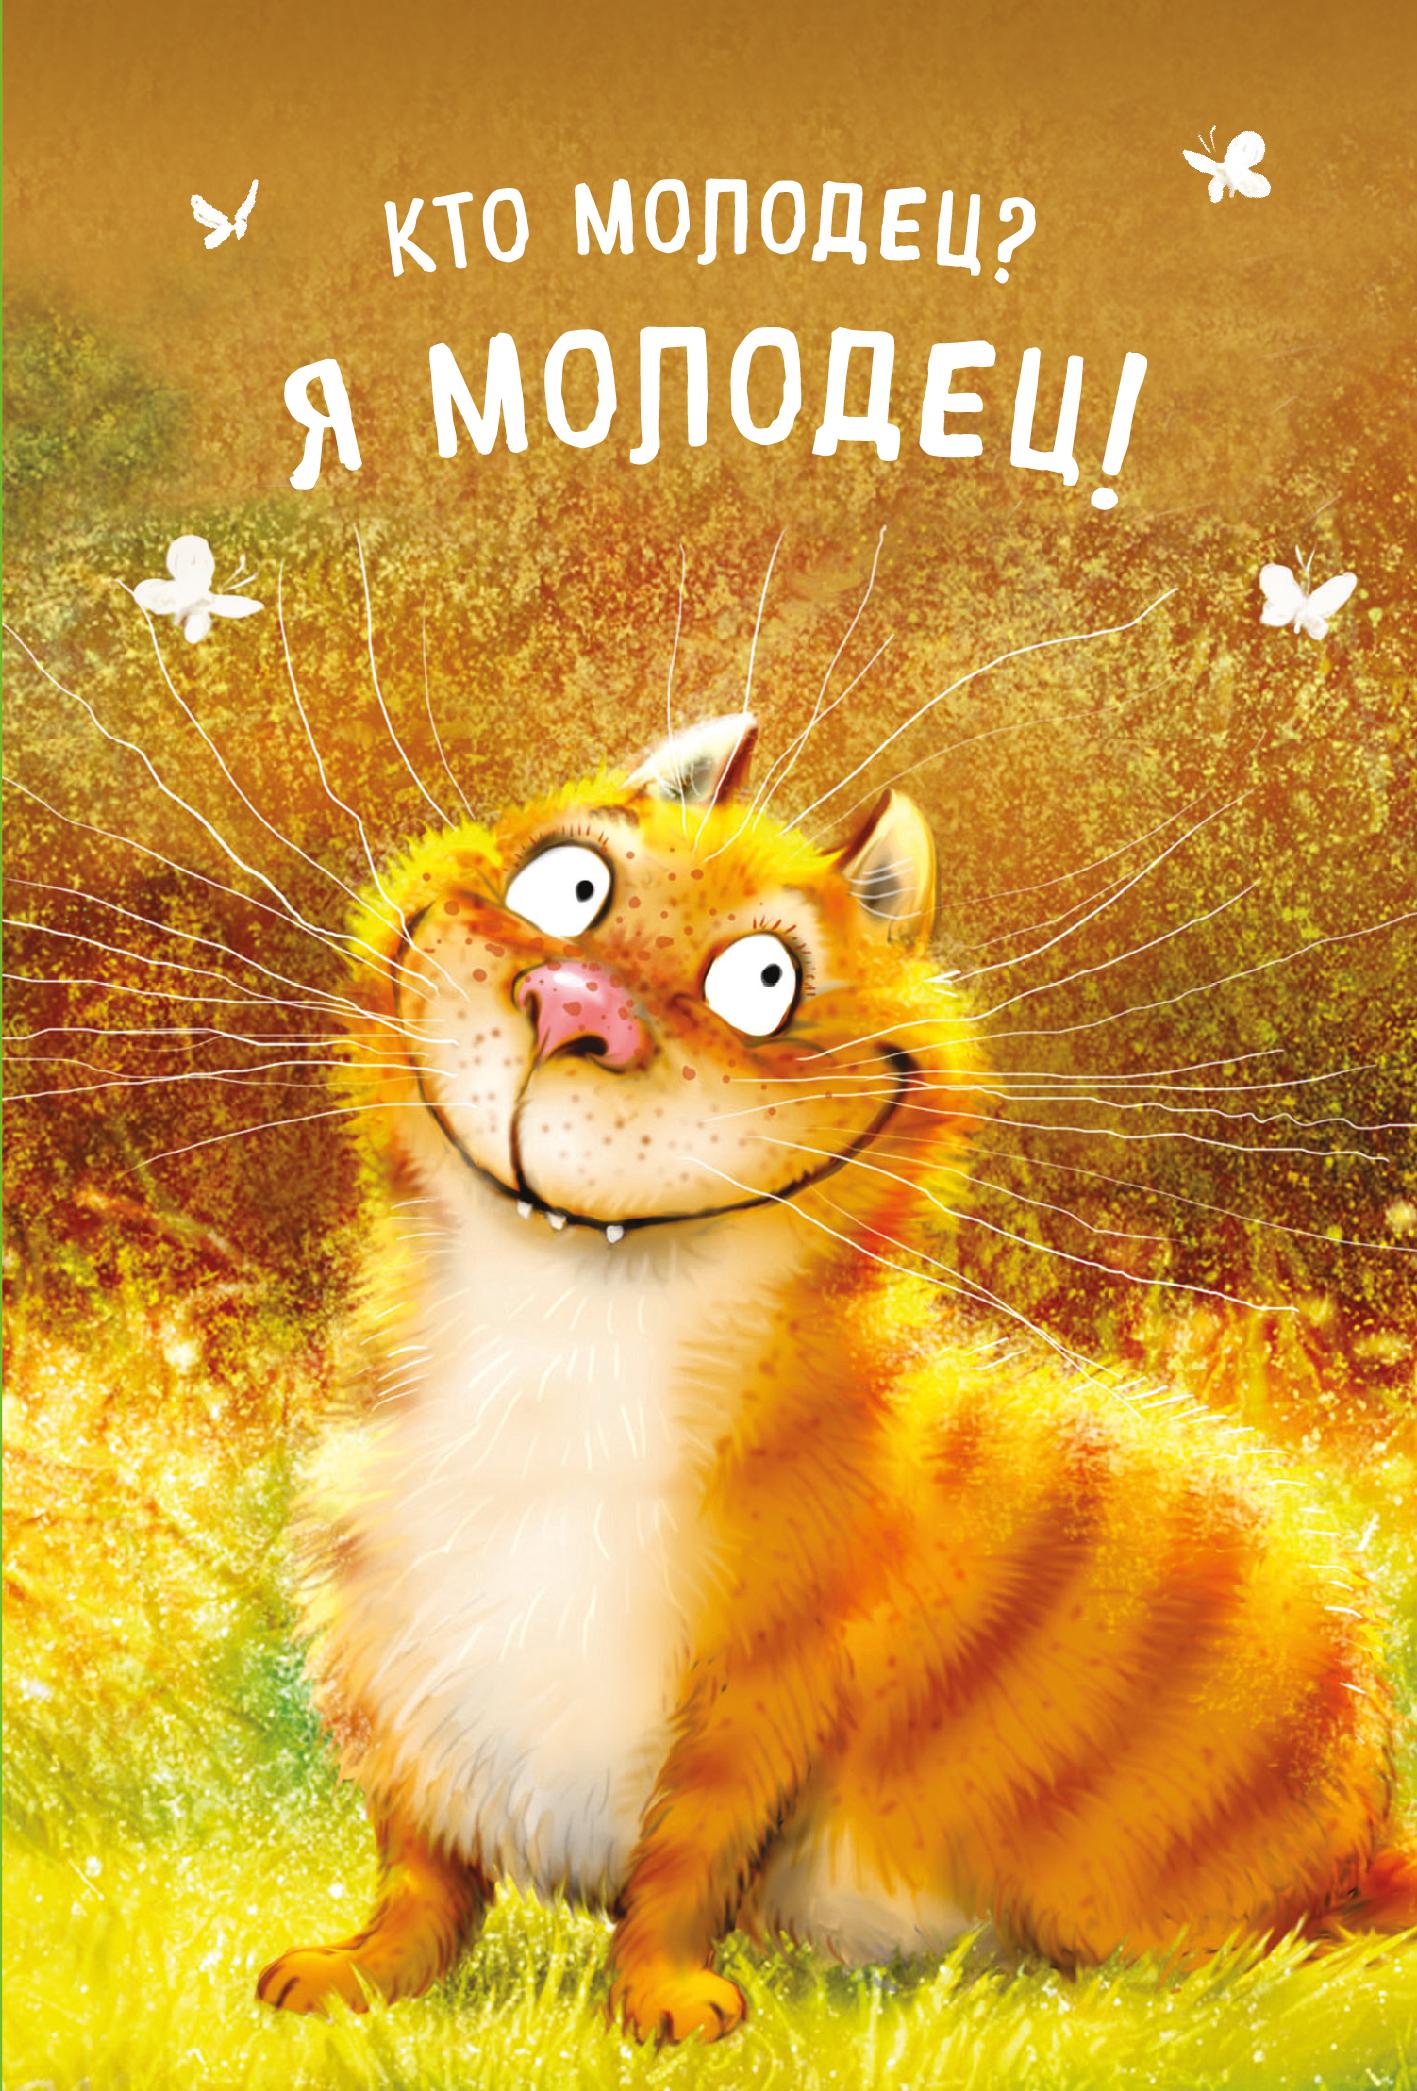 Смешные позитивные мотиваторы в картинках, открытка